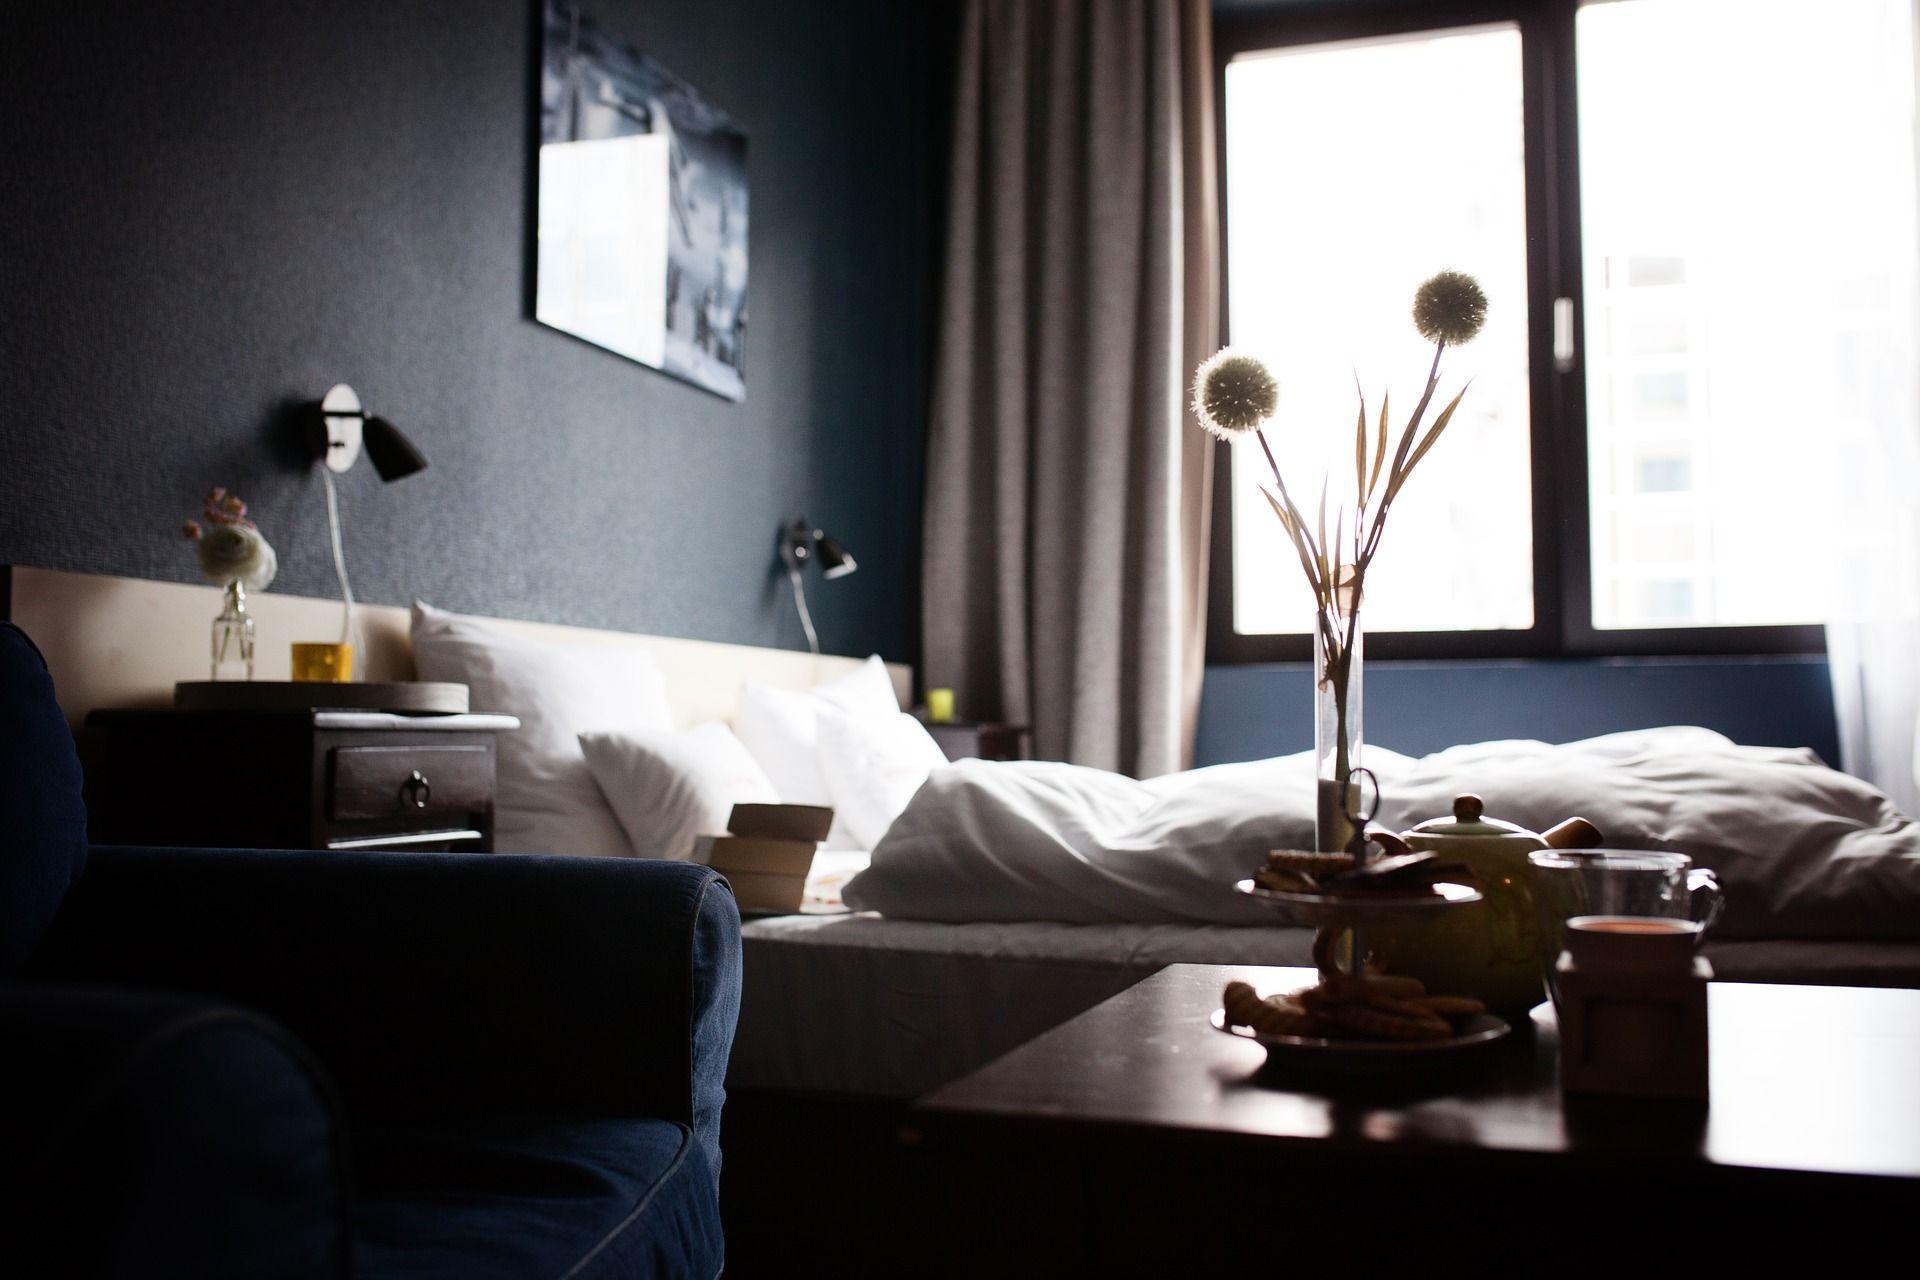 Tende Per Chiudere Ripostiglio come arredare una camera da letto piccola: le idee